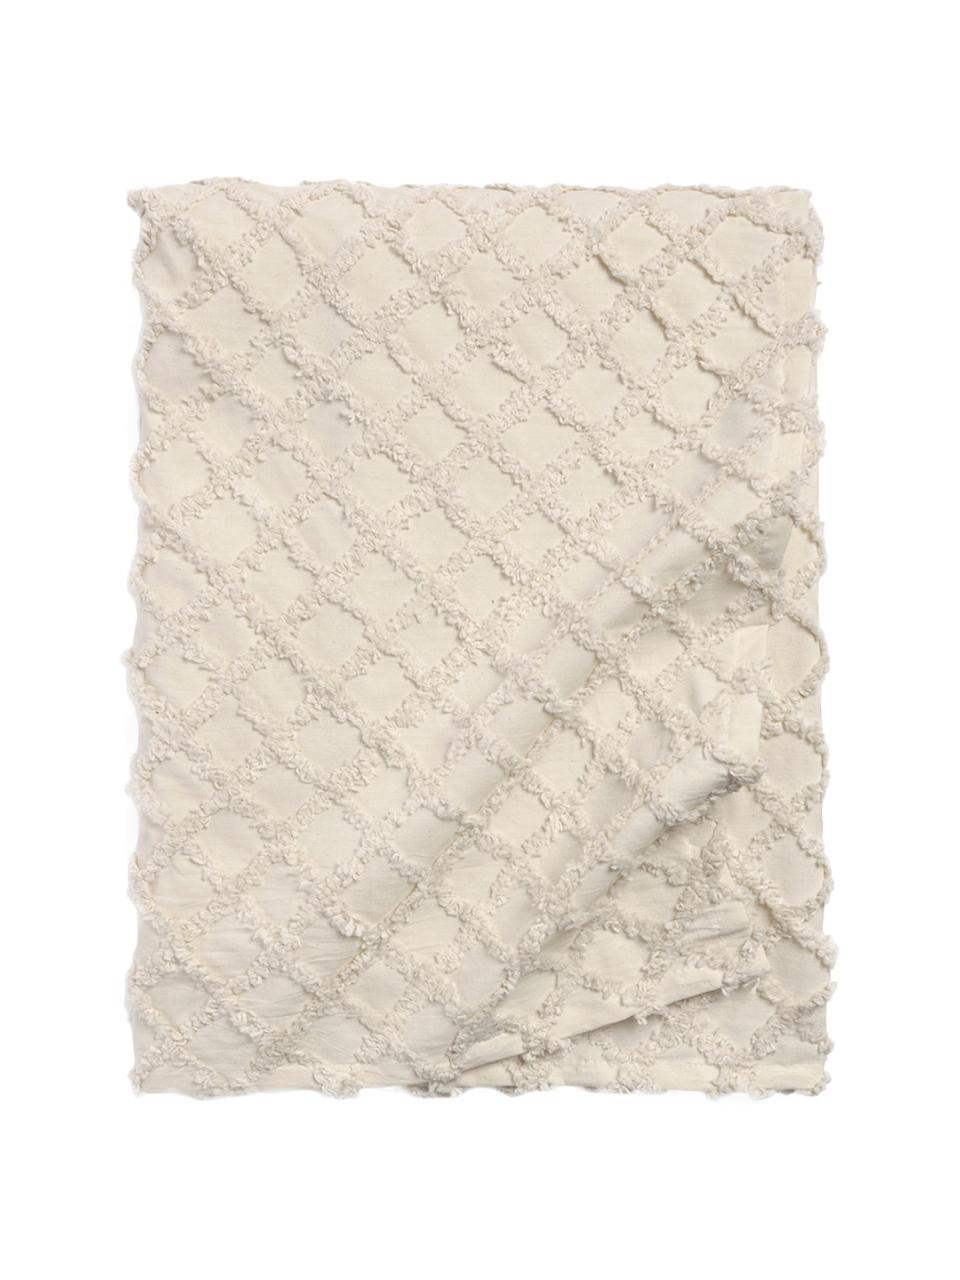 Tagesdecke Royal mit Hoch-Tief-Muster, Baumwolle, Cremeweiß, 240 x 260 cm